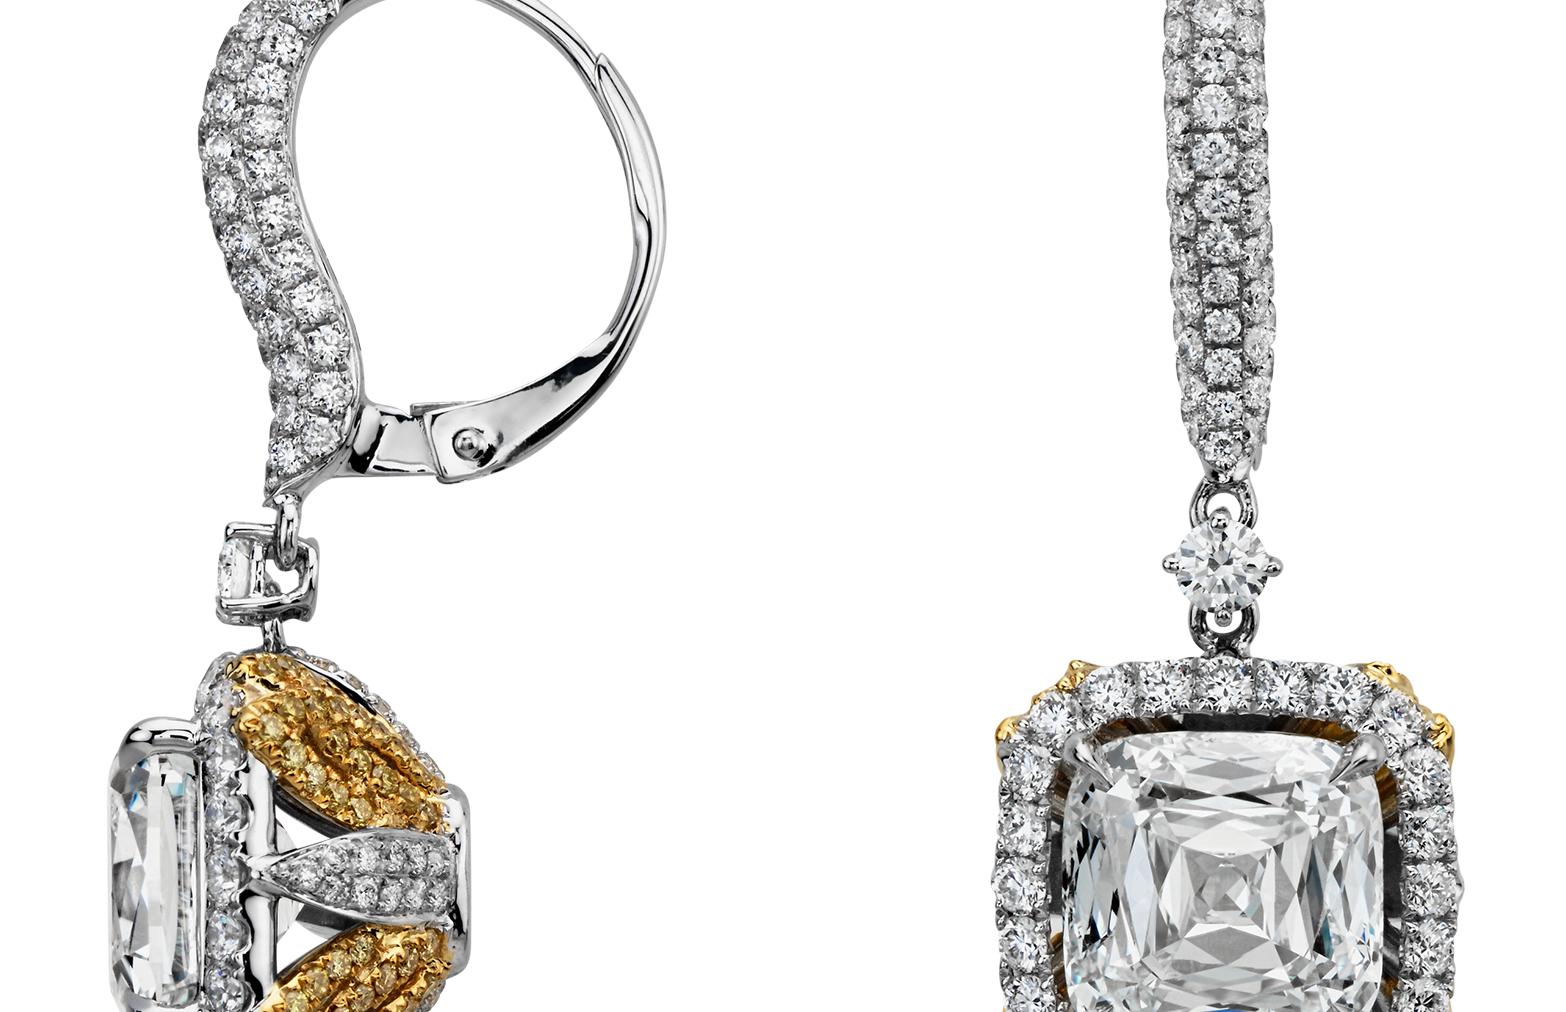 Pendants d'oreilles modernes avec halo de diamants sertis pavé et taille coussin en or blanc et jaune 18carats (8,91carats, poids total)